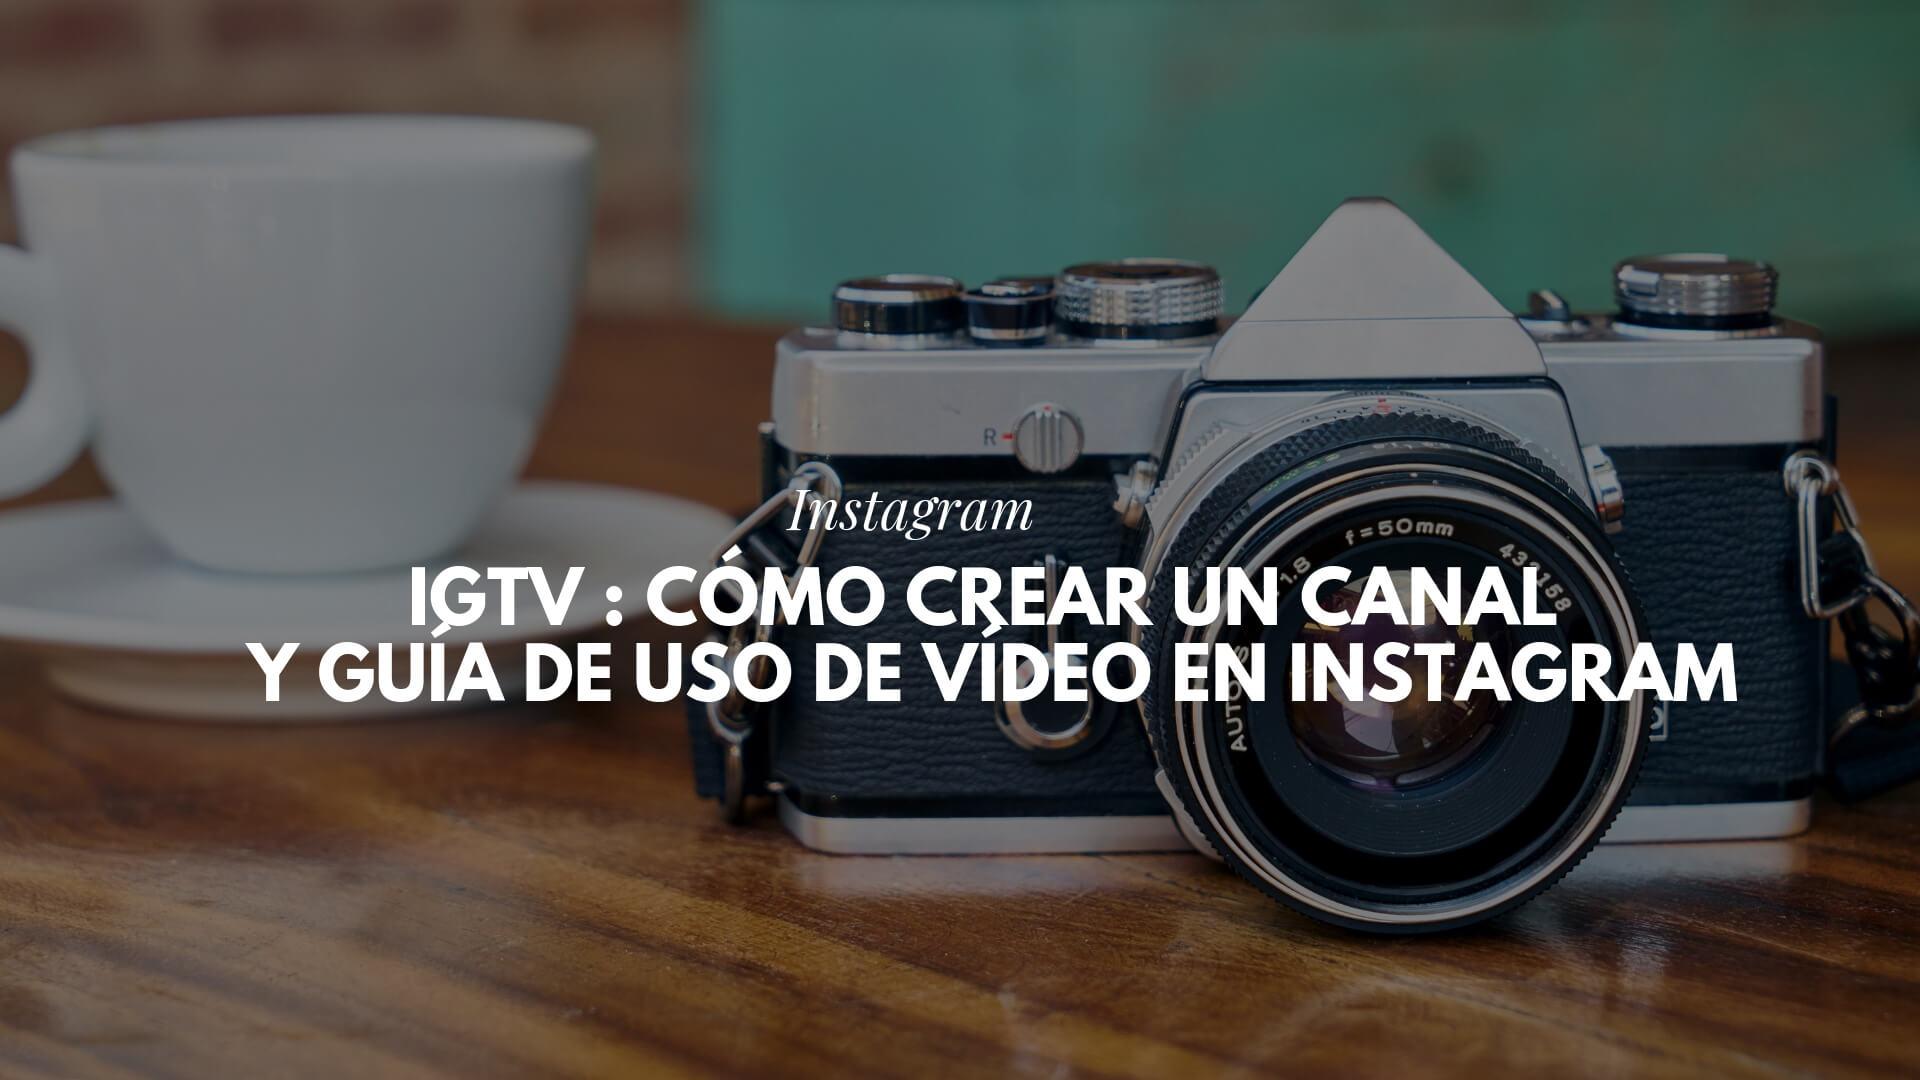 IGTV : cómo crear un canal y guía de uso de vídeo en Instagram